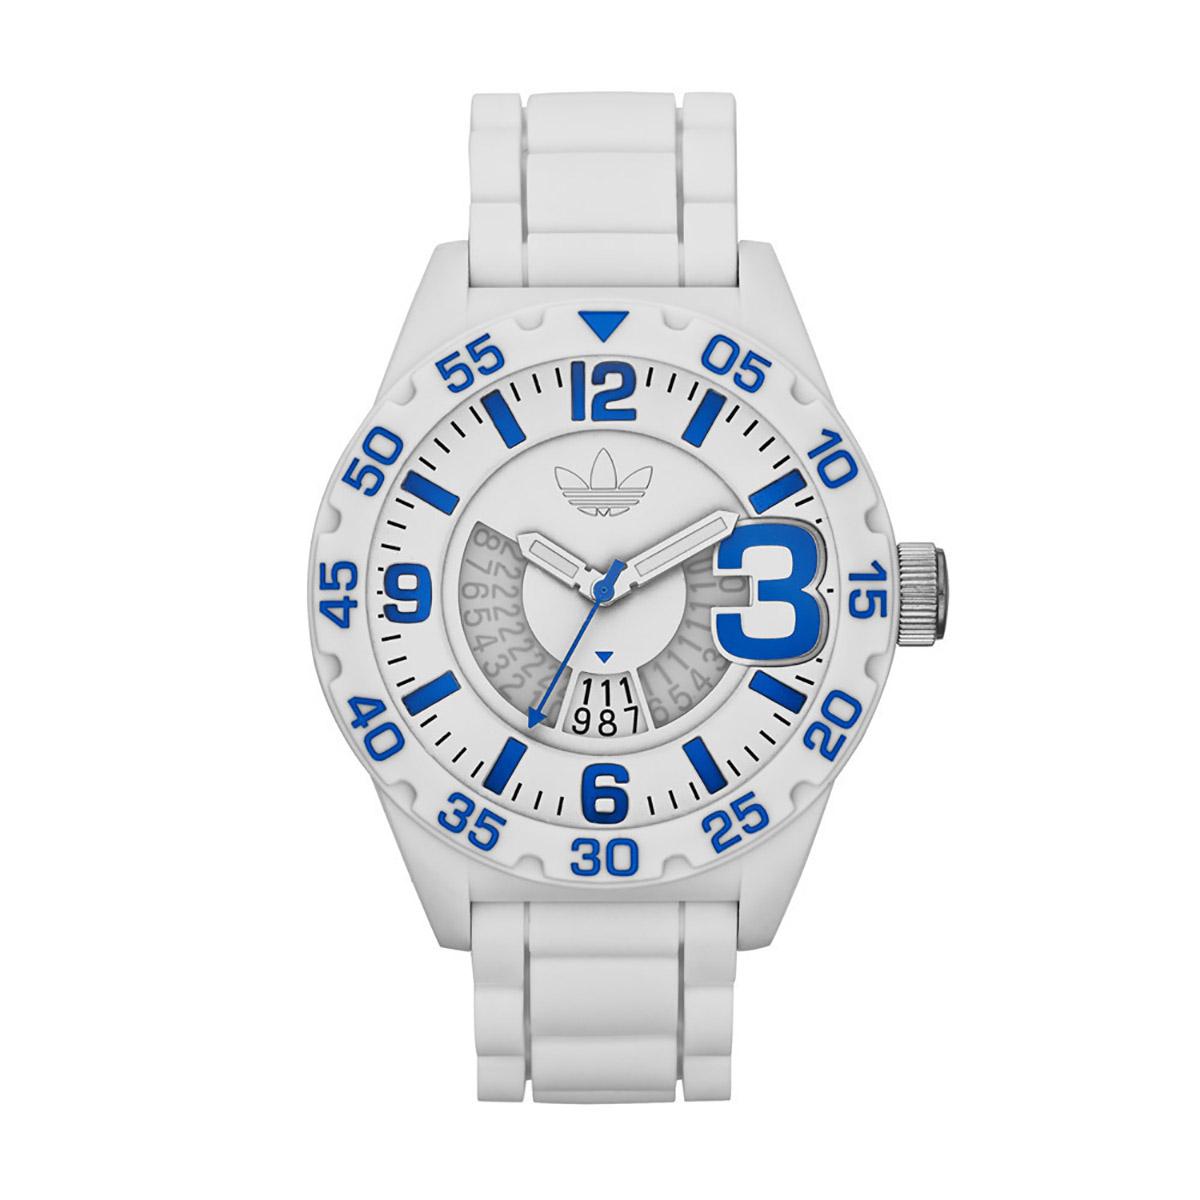 นาฬิกาผู้ชาย Adidas รุ่น ADH3012